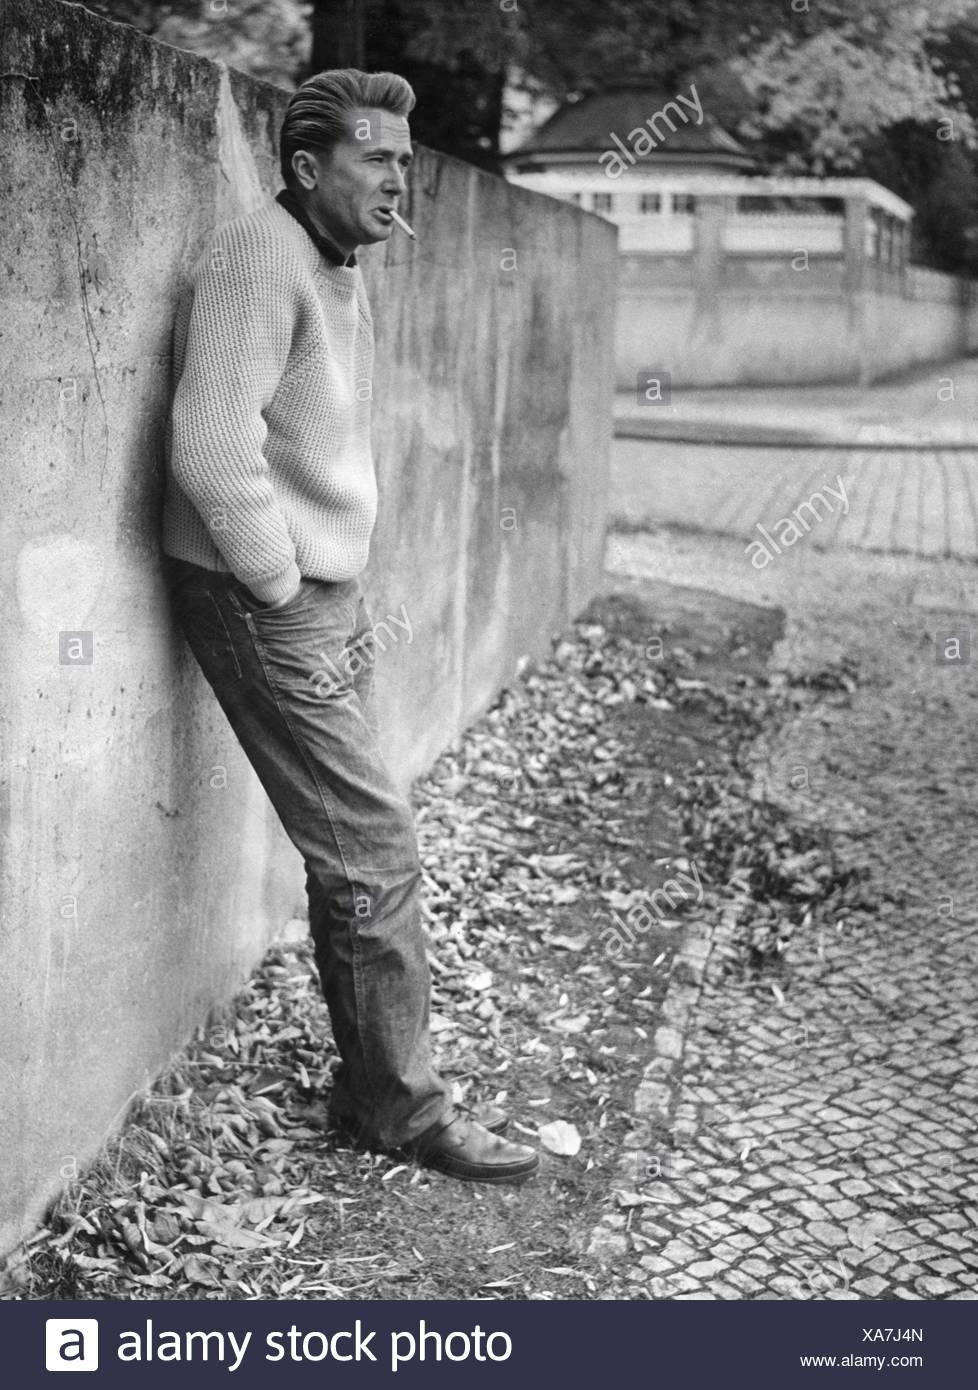 Hlasko, Marek, 14.1.1934 - 14.6.1969, Polish author / writer, full length, leaning against a wall, 13.10.1960, probably Berlin, Stockbild